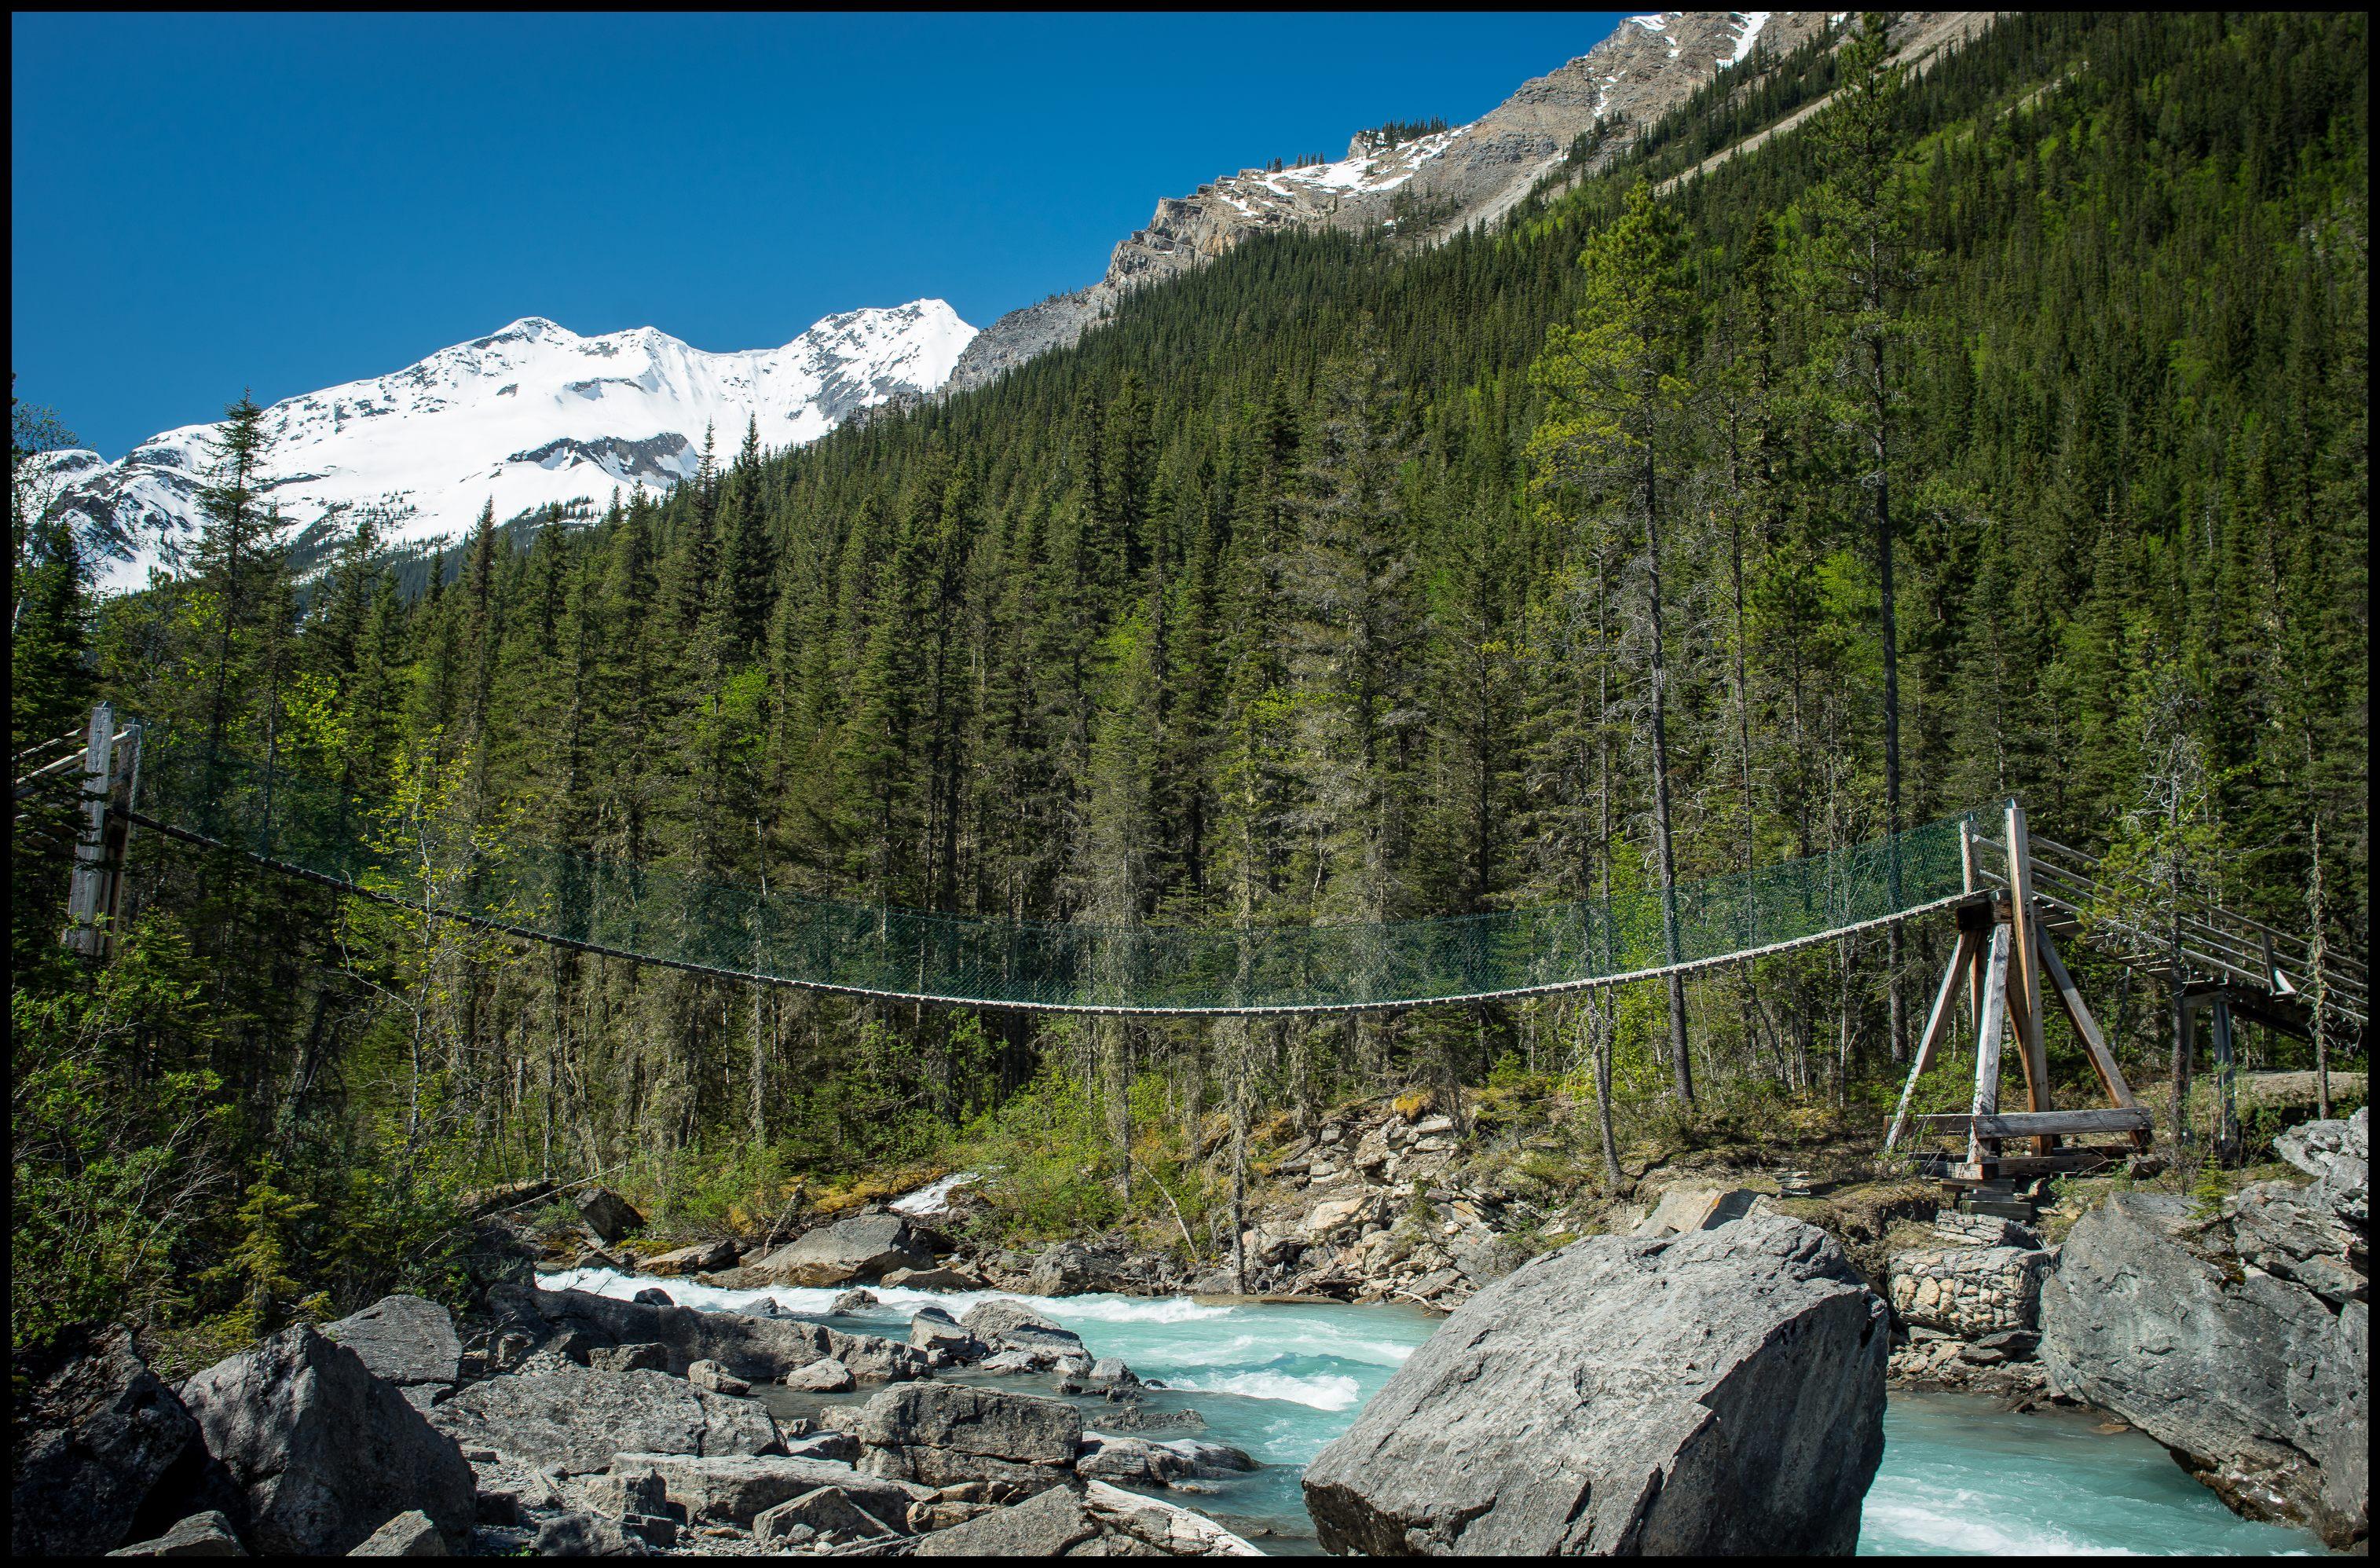 Swing bridge at Whitehorn, Berg Lake Sony A7 / Canon FD Tilt Shift 35 2.8